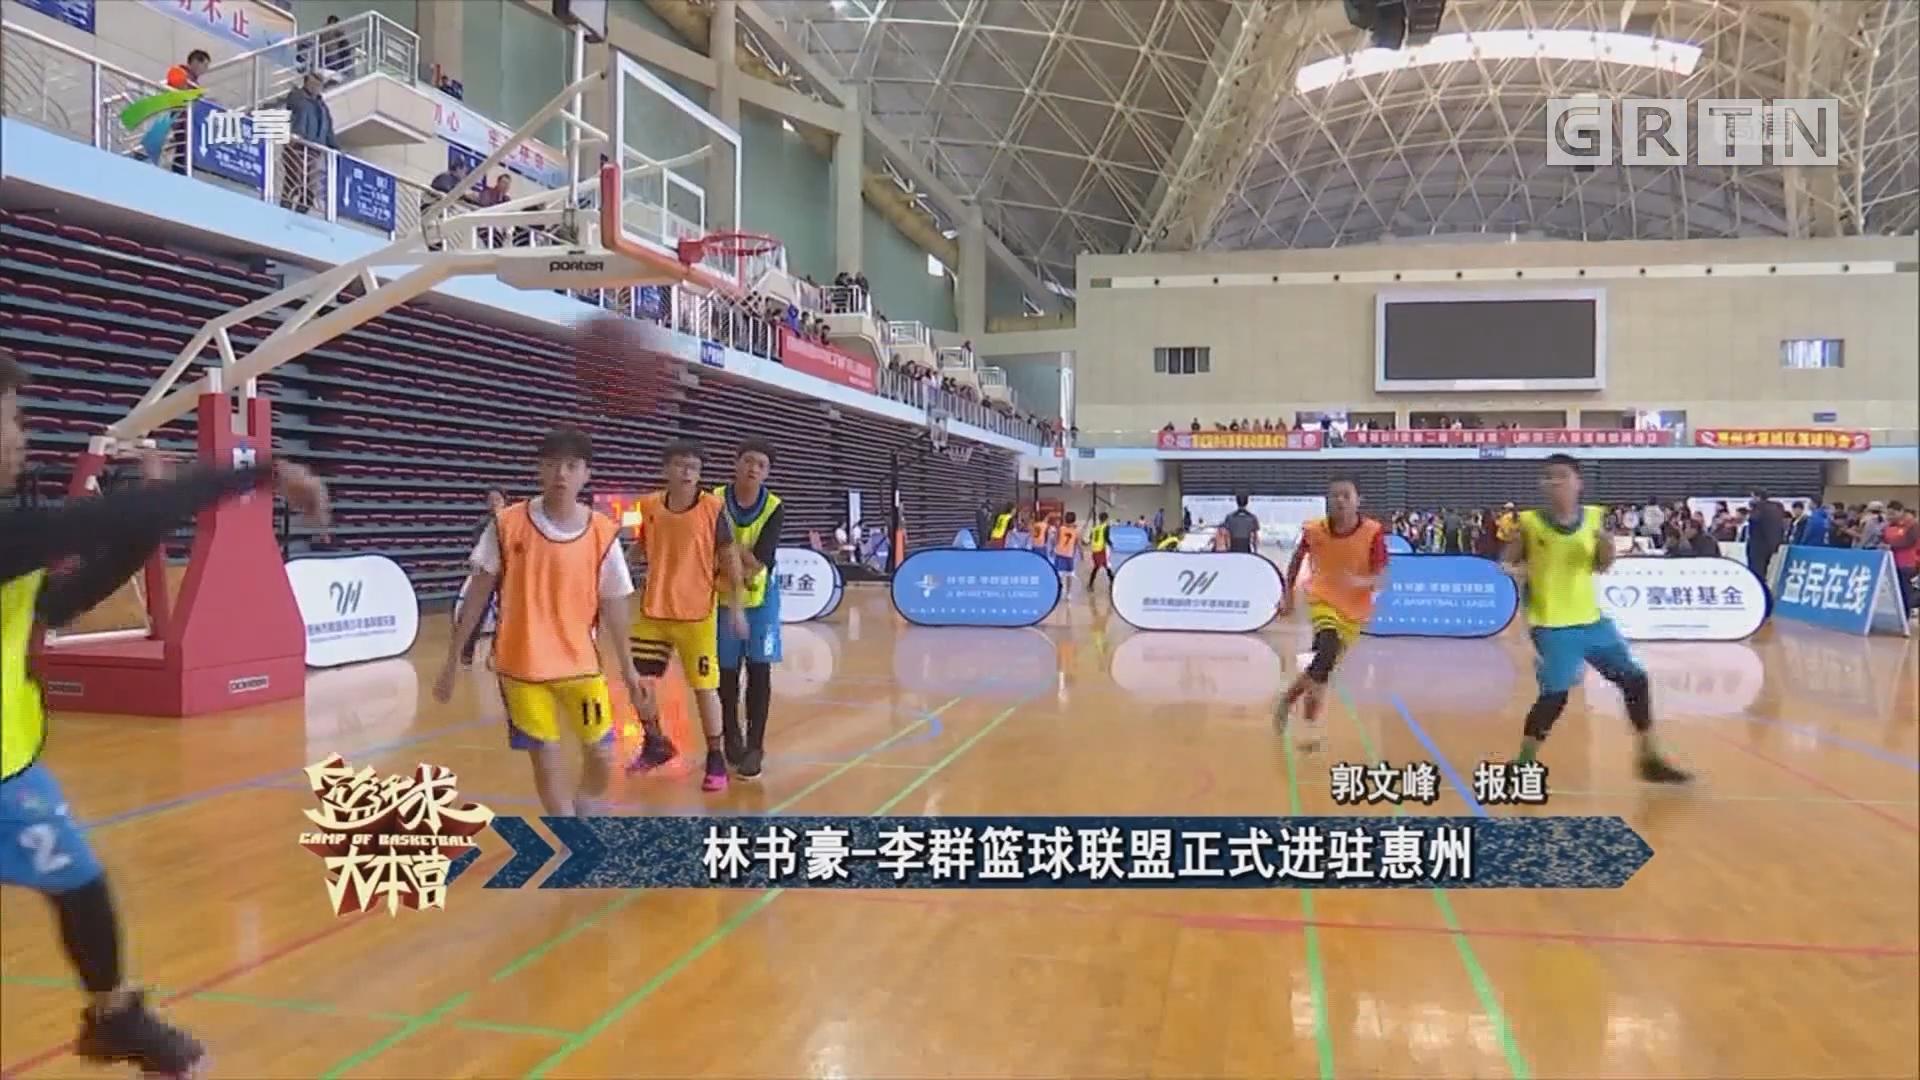 林书豪-李群篮球联盟正式进驻惠州